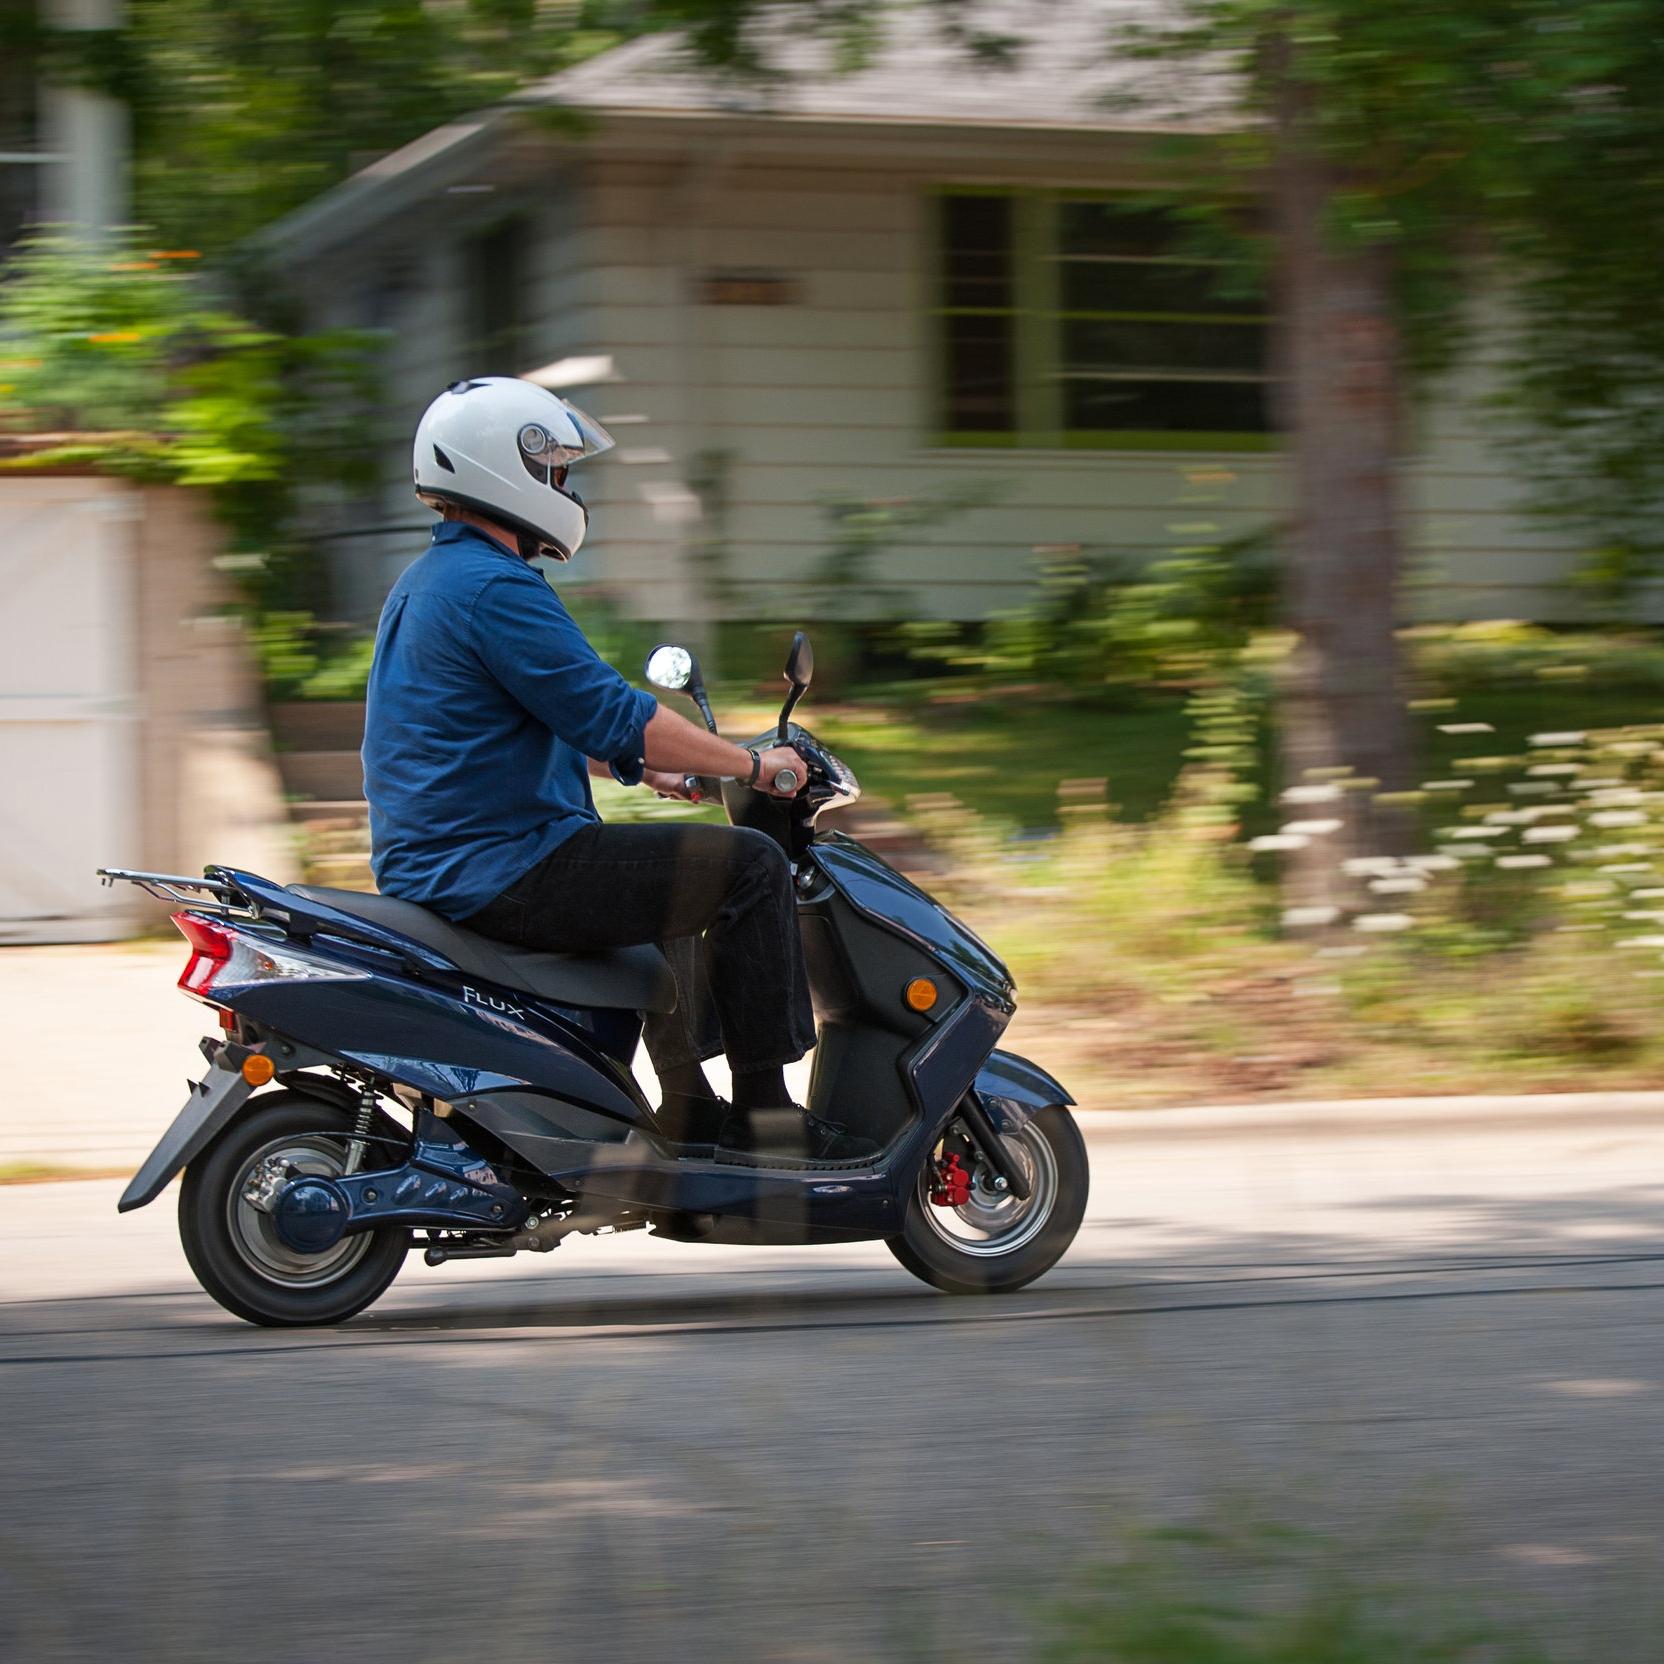 Flux_Mopeds-9.jpg